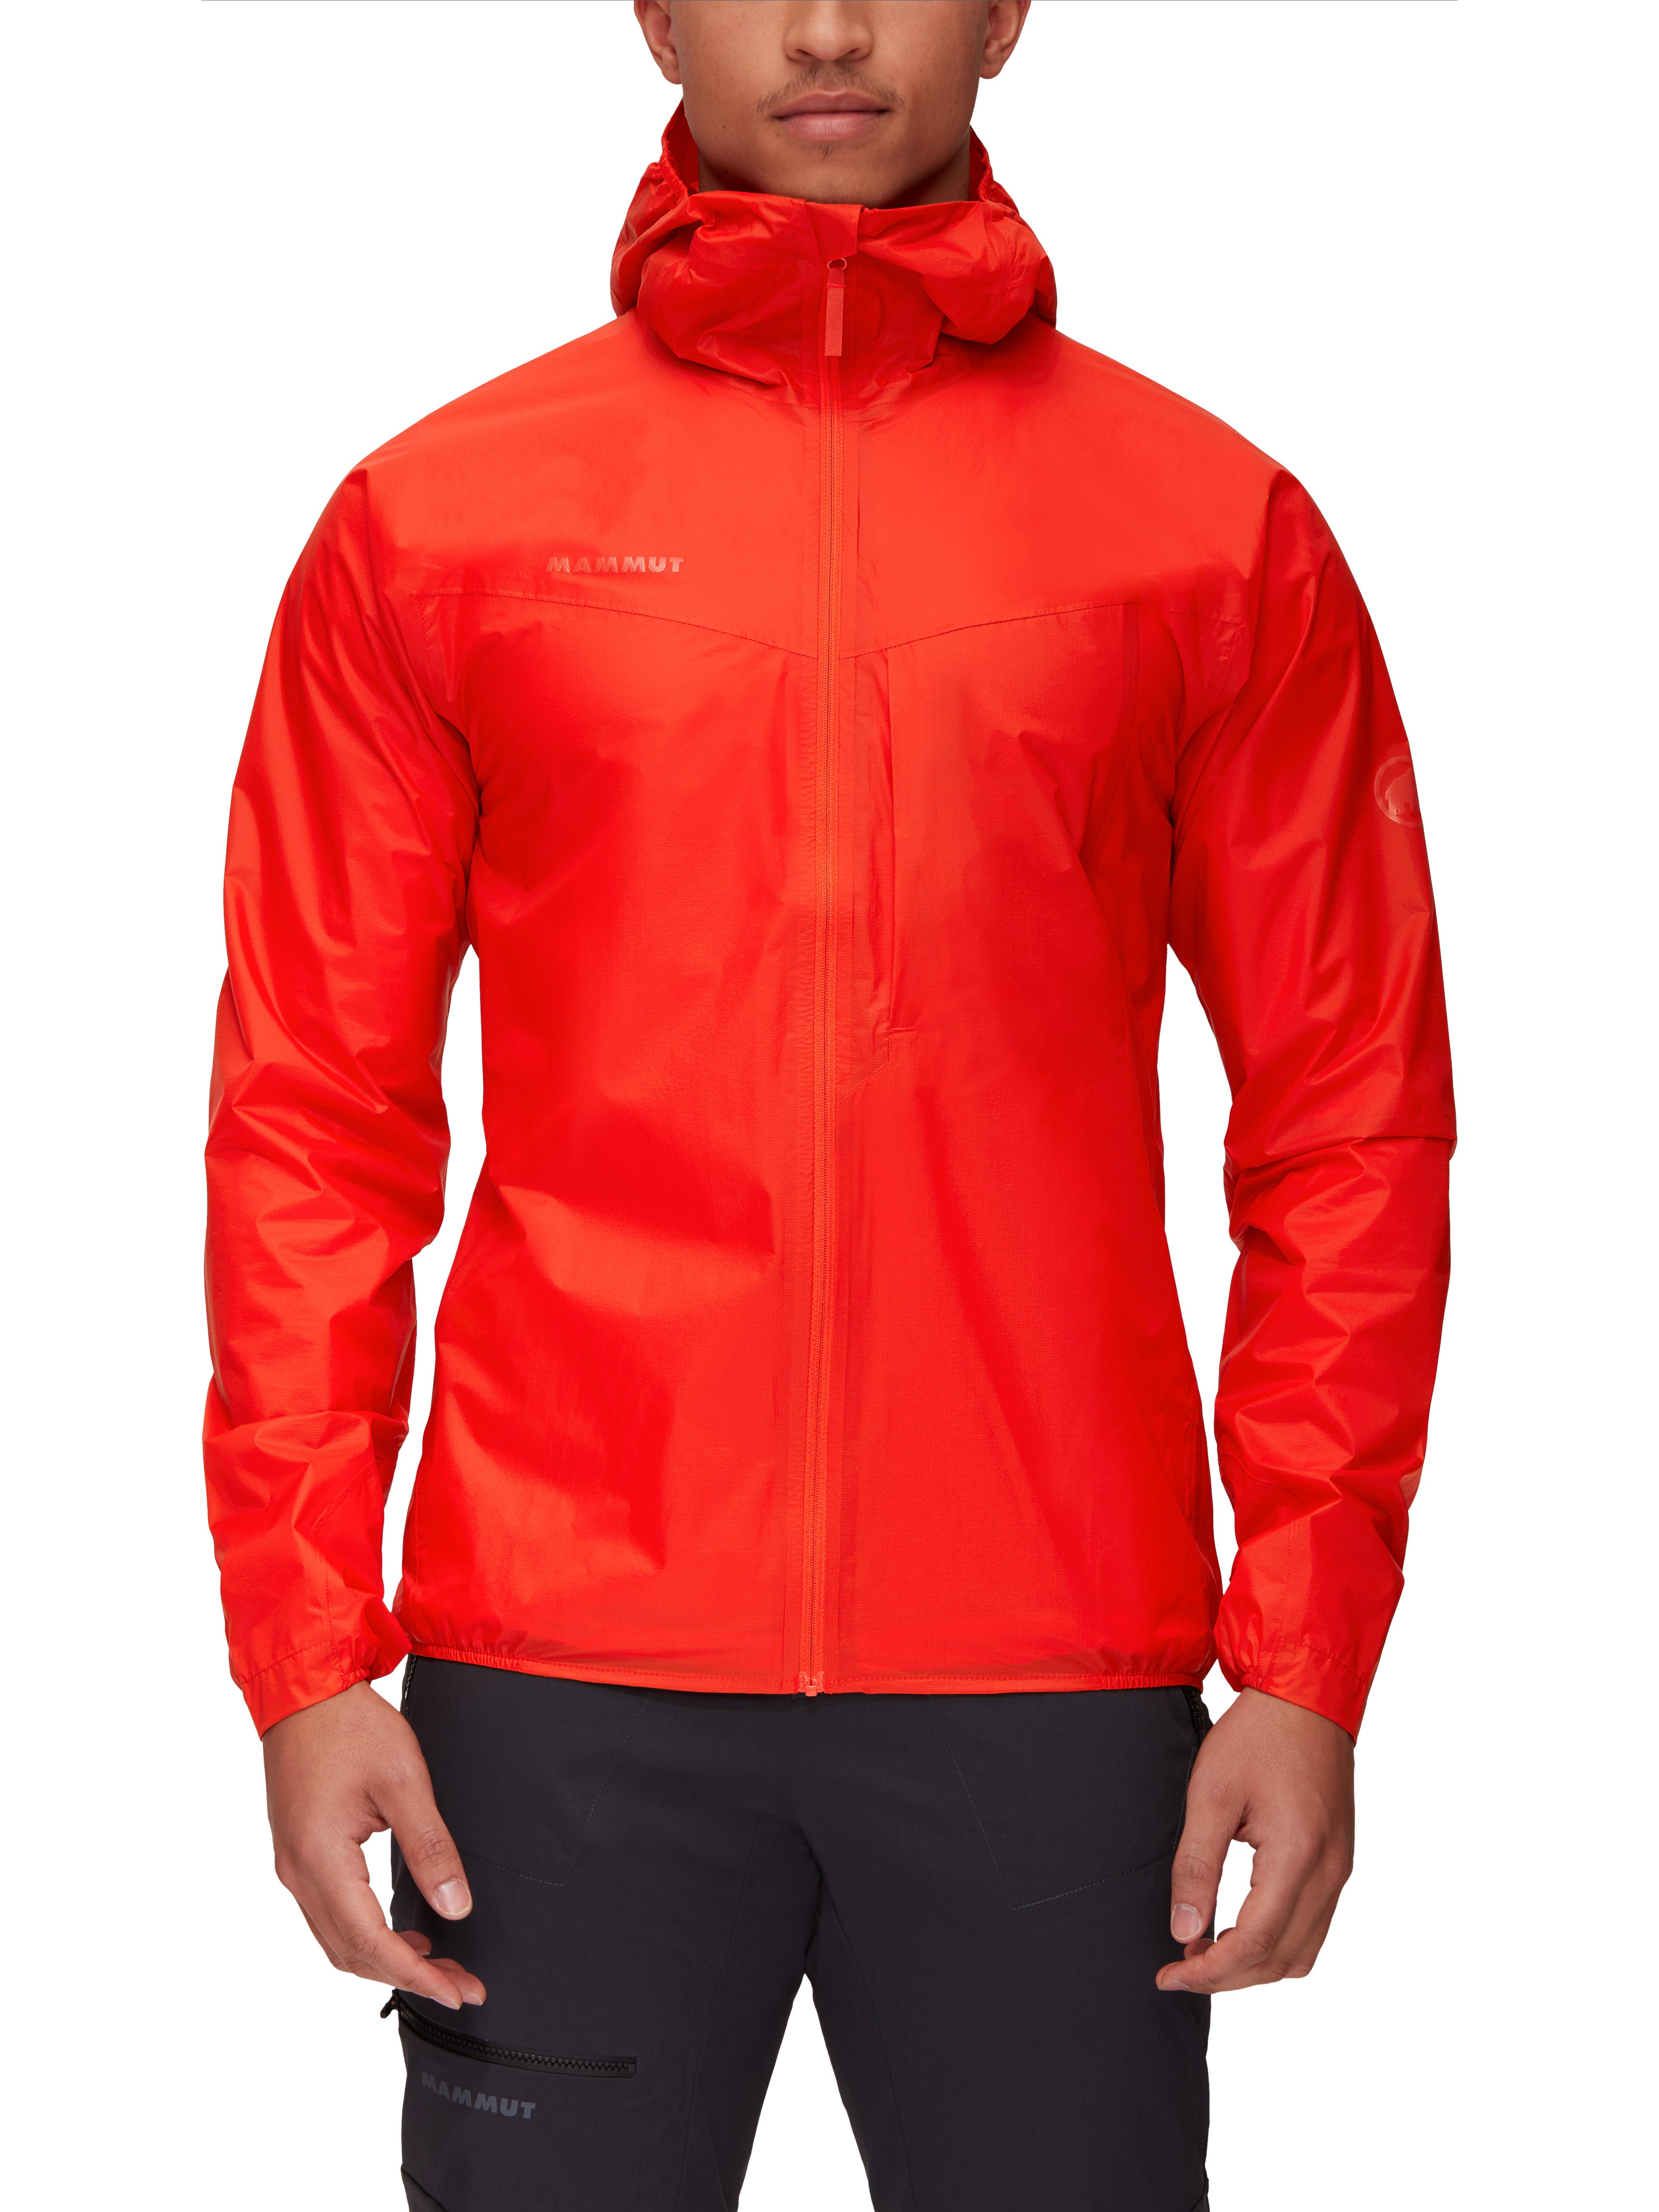 Kento Light HS Hooded Jacket Men product image